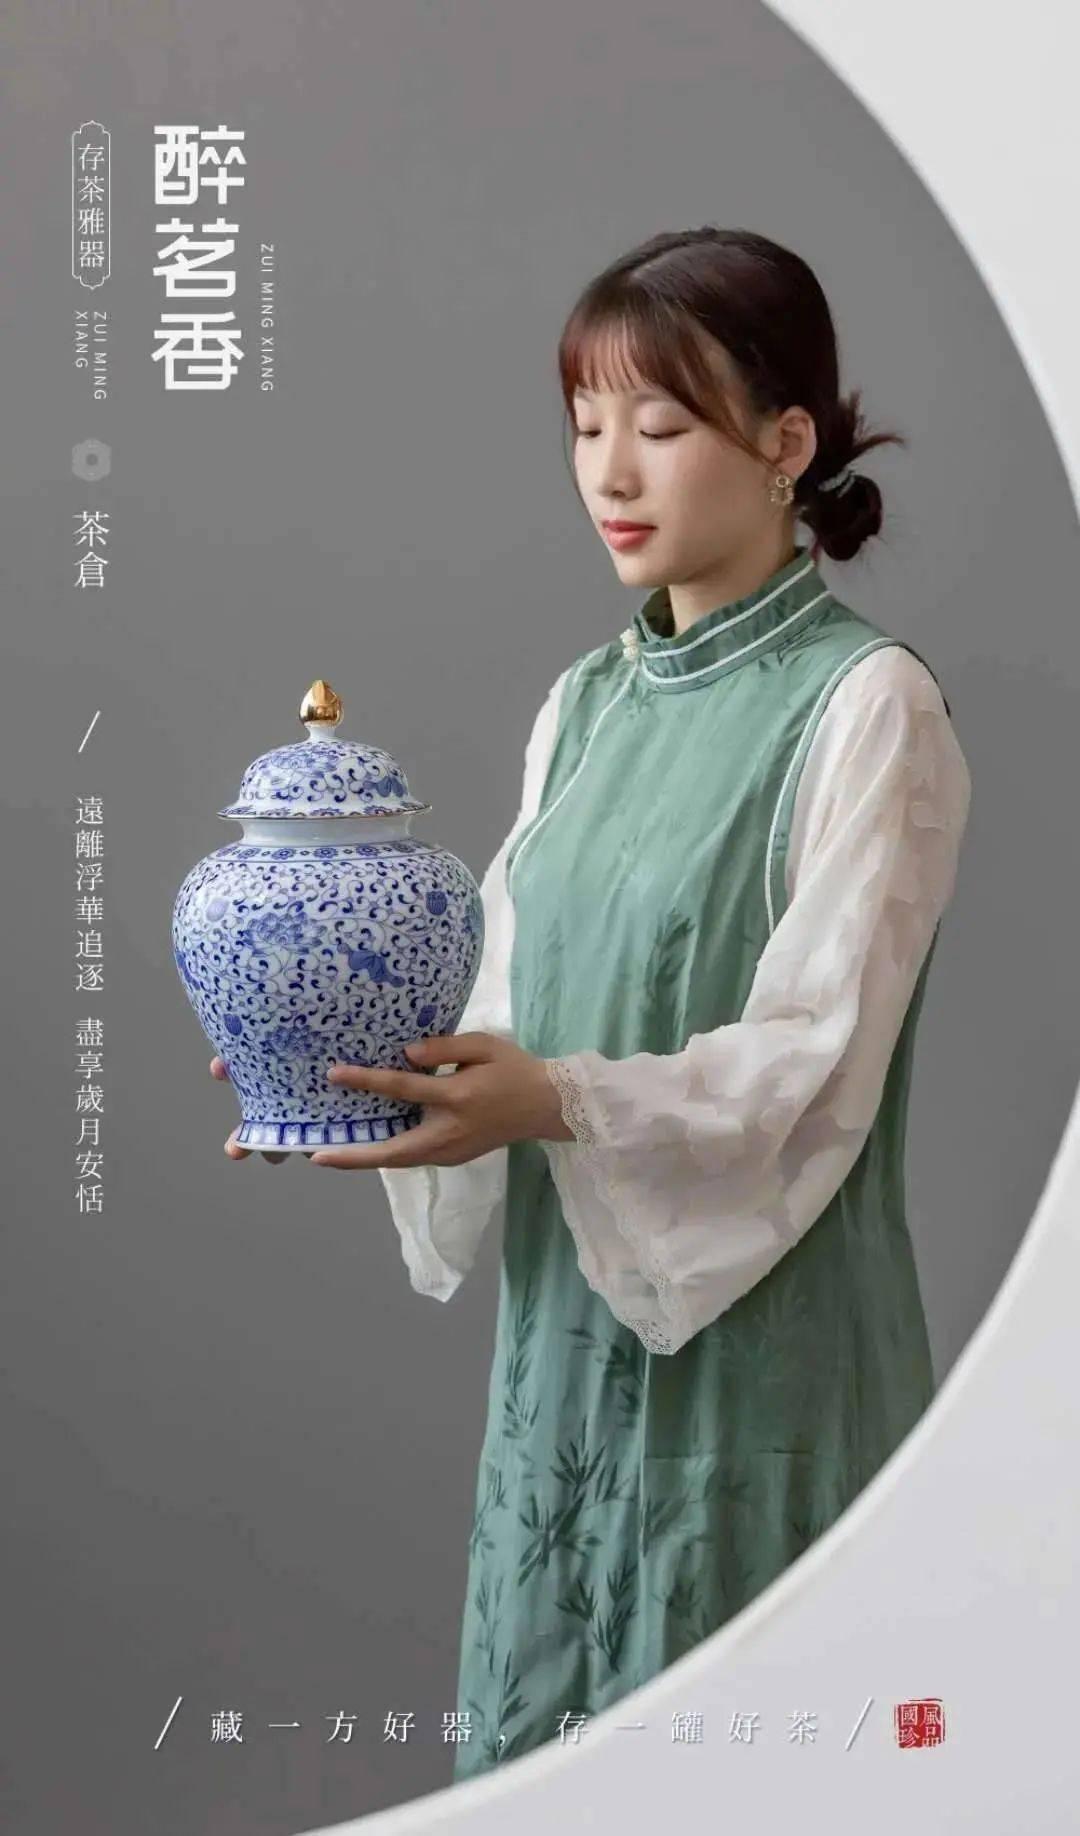 【一会一节】2020中国德化陶瓷博览会暨茶具文化节亮点抢先看!